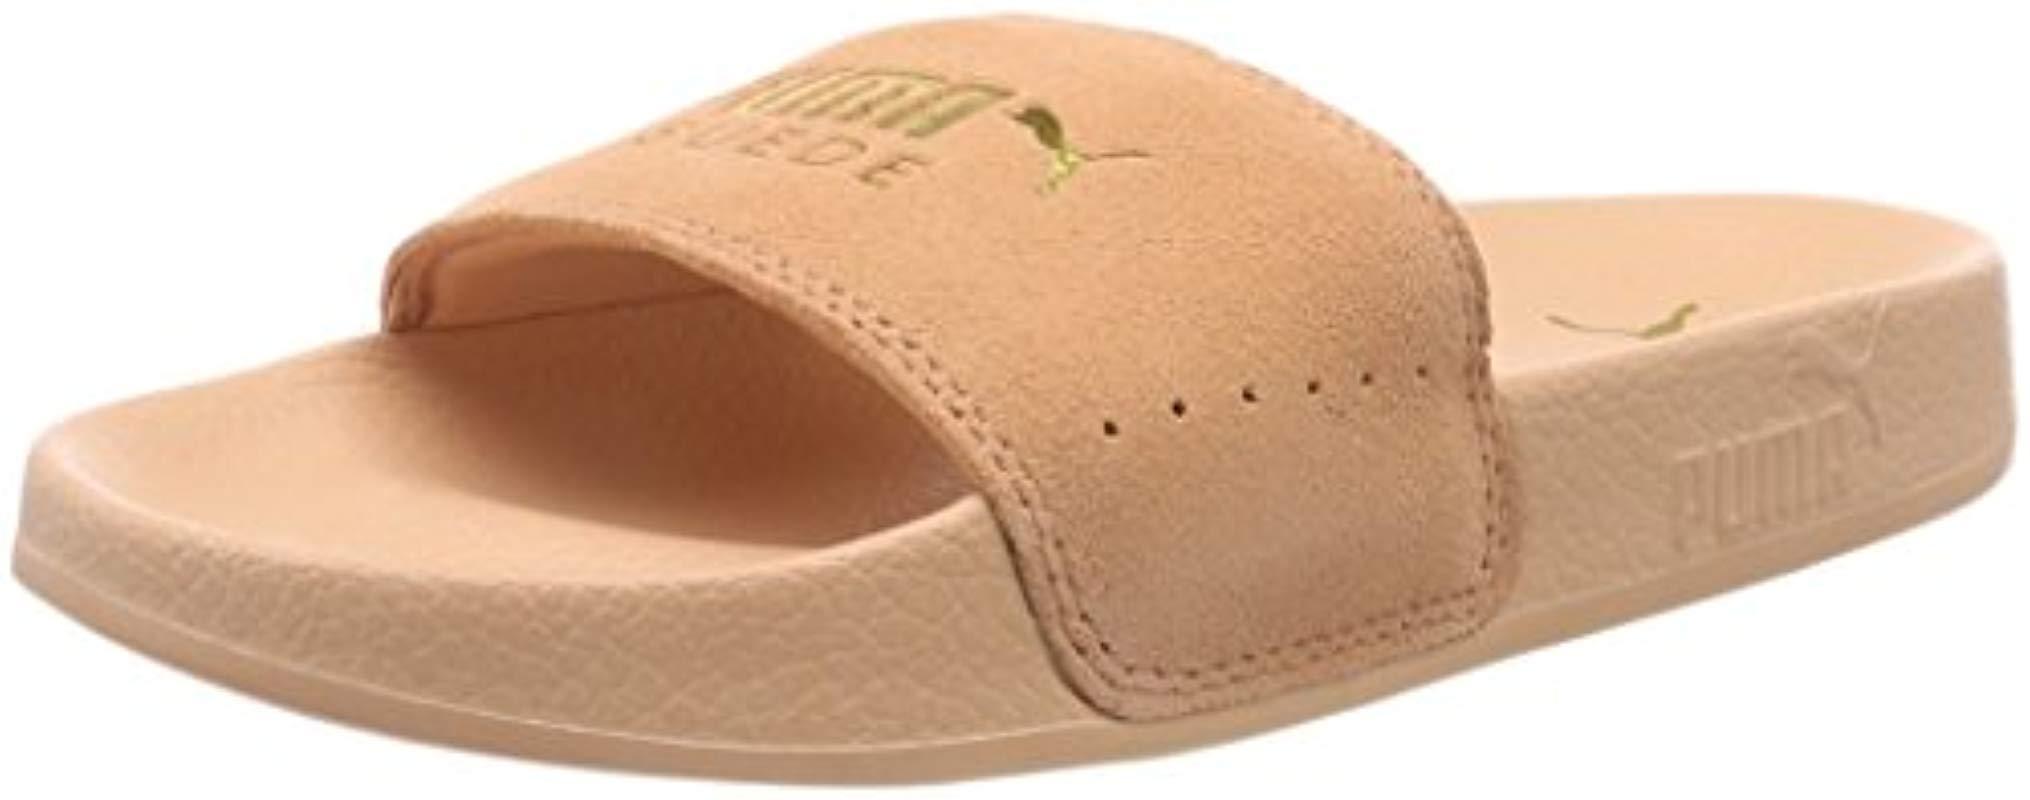 1748584597d82a Sandals & Beach Shoes Puma Adults Unisex Leadcat Summer Beach Sports Strap  Slide Sandals Shoes Black .